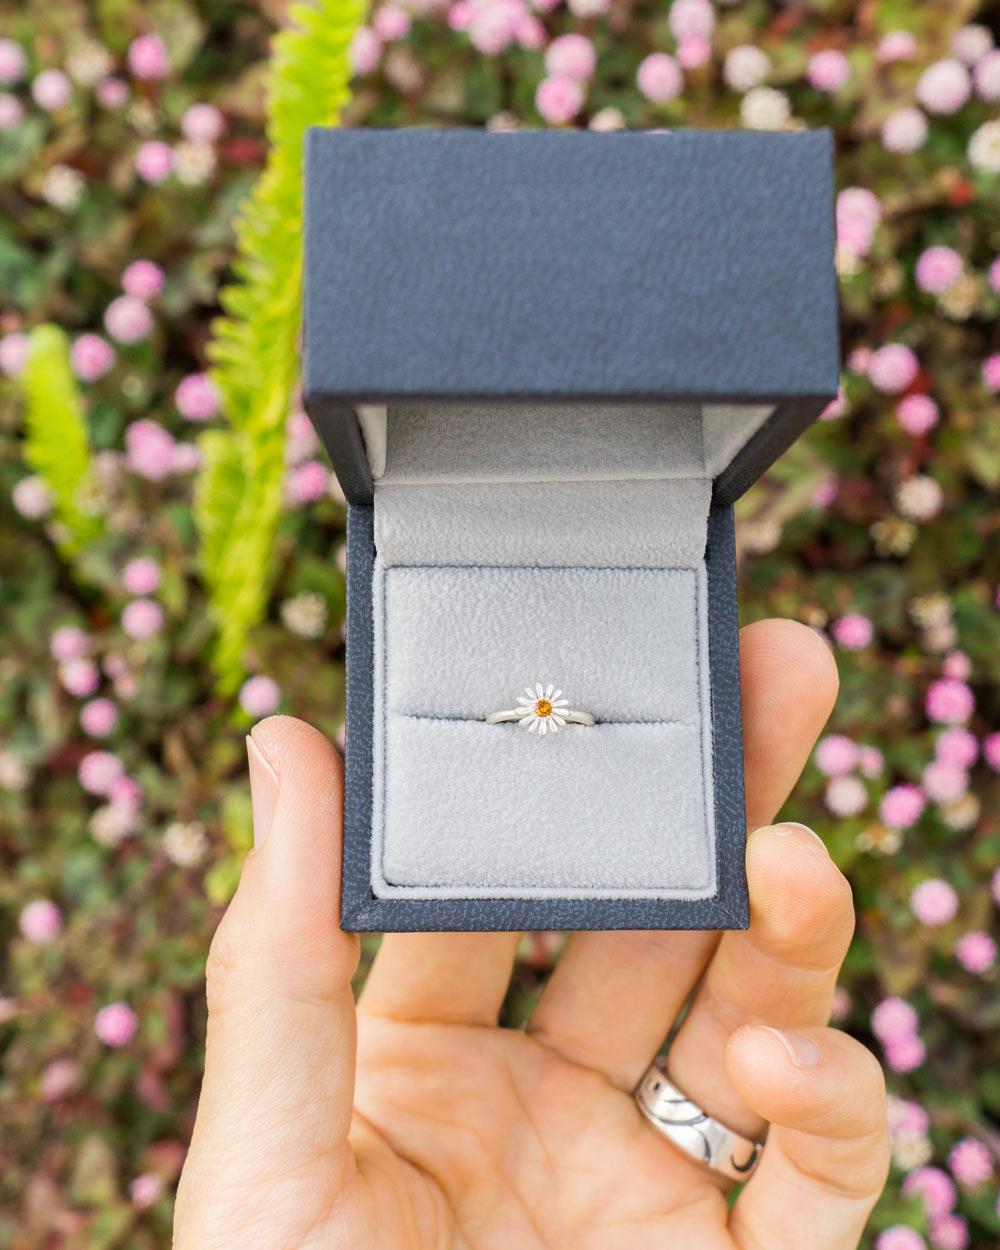 お花の指輪 オーダーメイドベビーリング シルバー 屋久島のツワブキモチーフ 屋久島でつくる結婚指輪